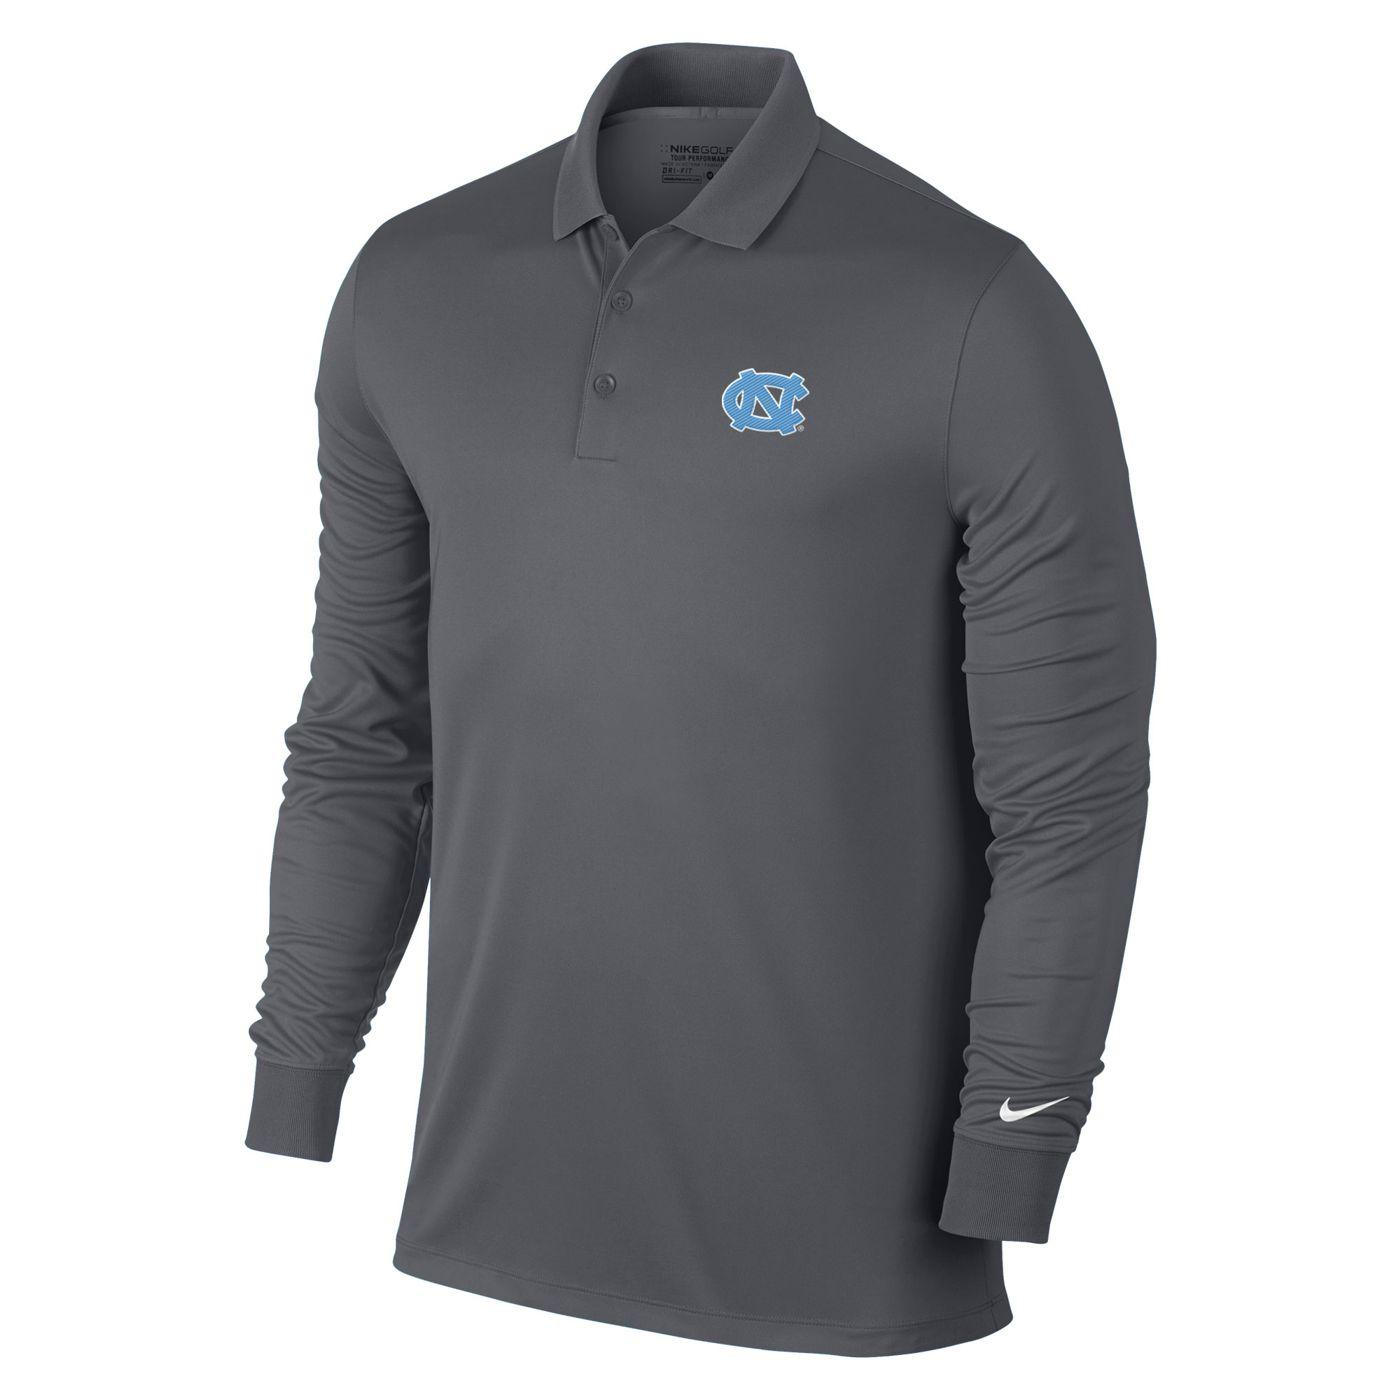 a013e1031a6ac Nike Long Sleeve Shirt Sale